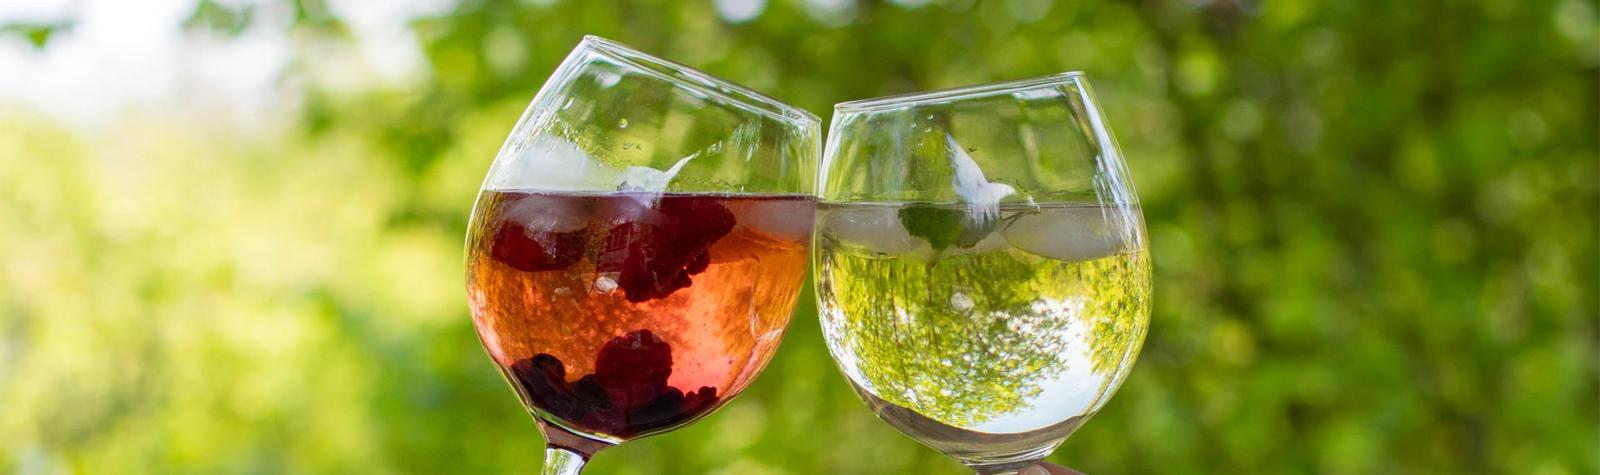 Vinný střik